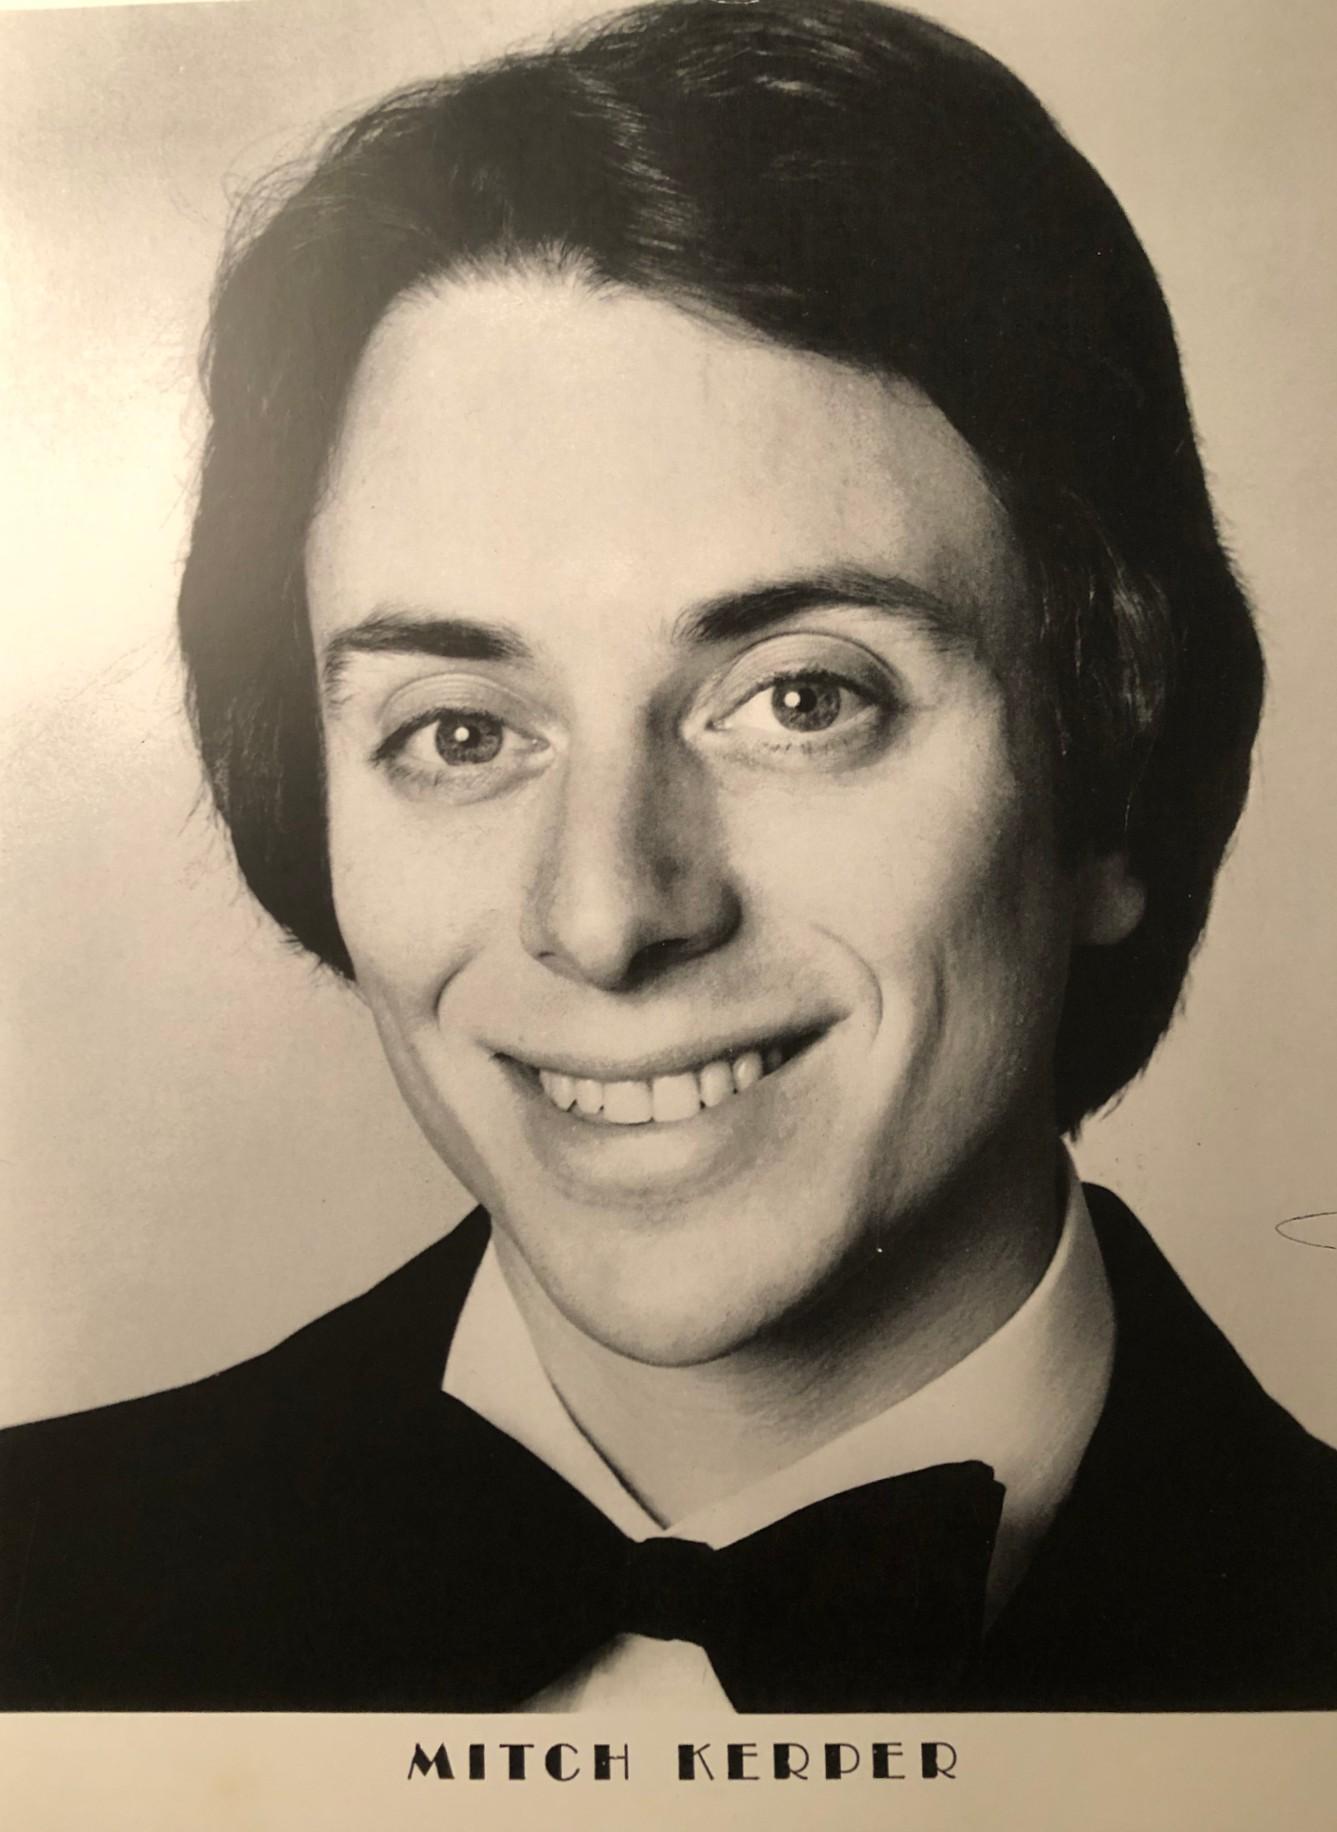 Mitch Kerper